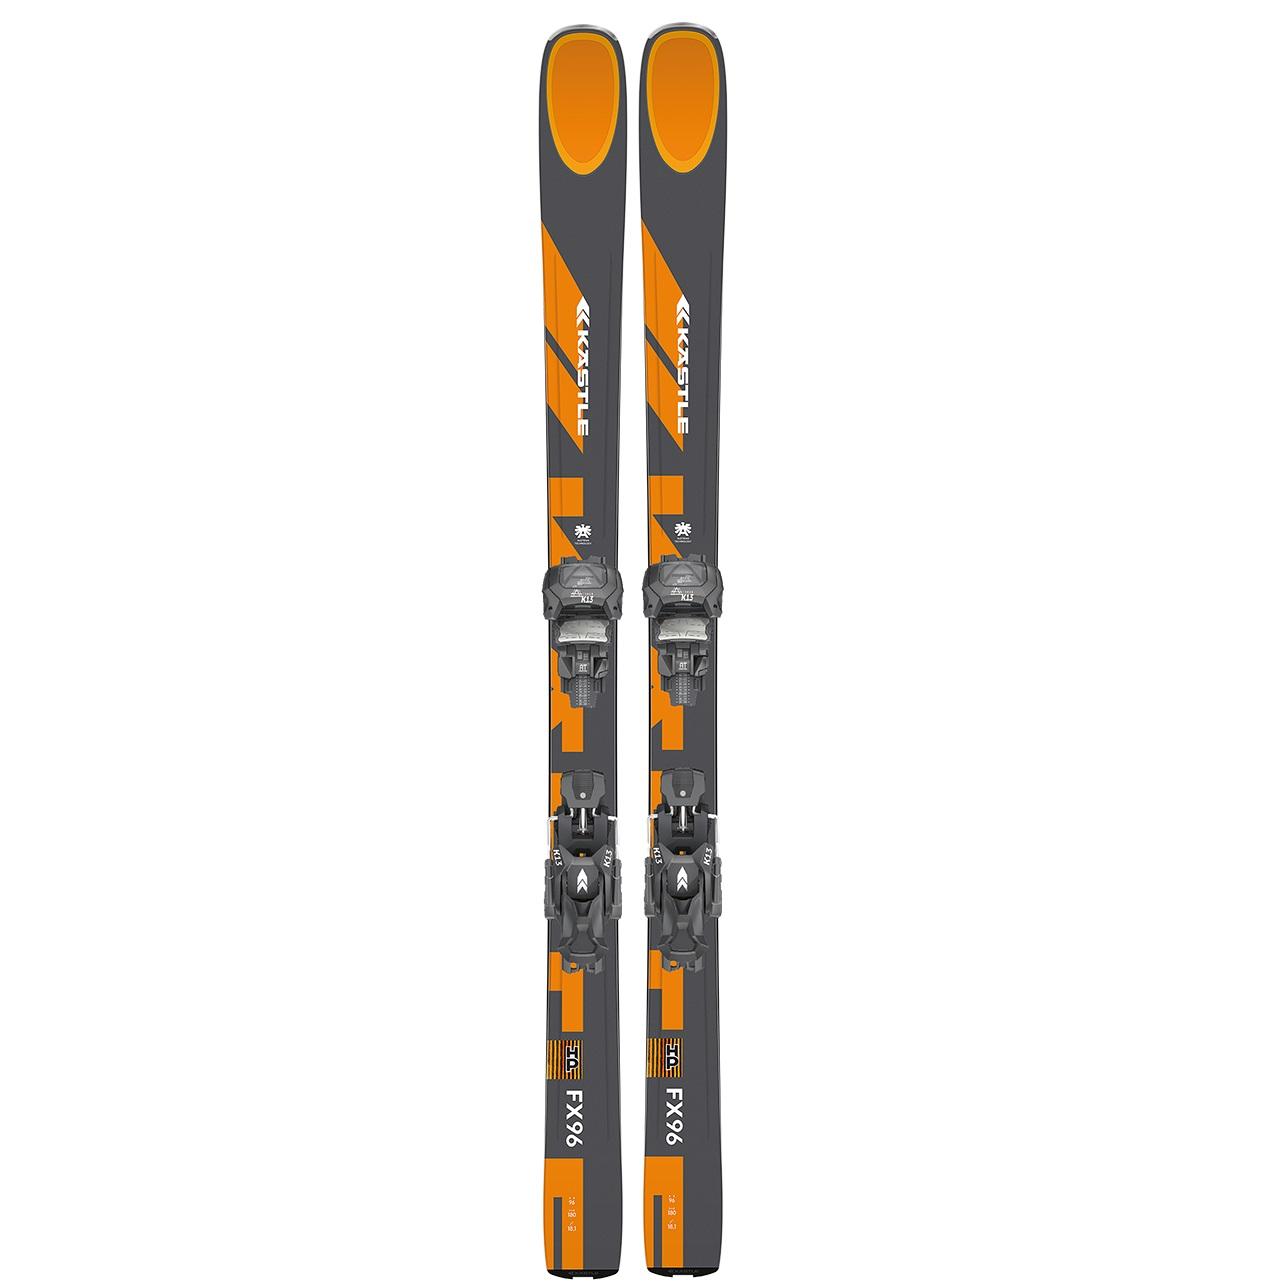 Ski -  kastle FX96  HP + K13 Attack Demo AT